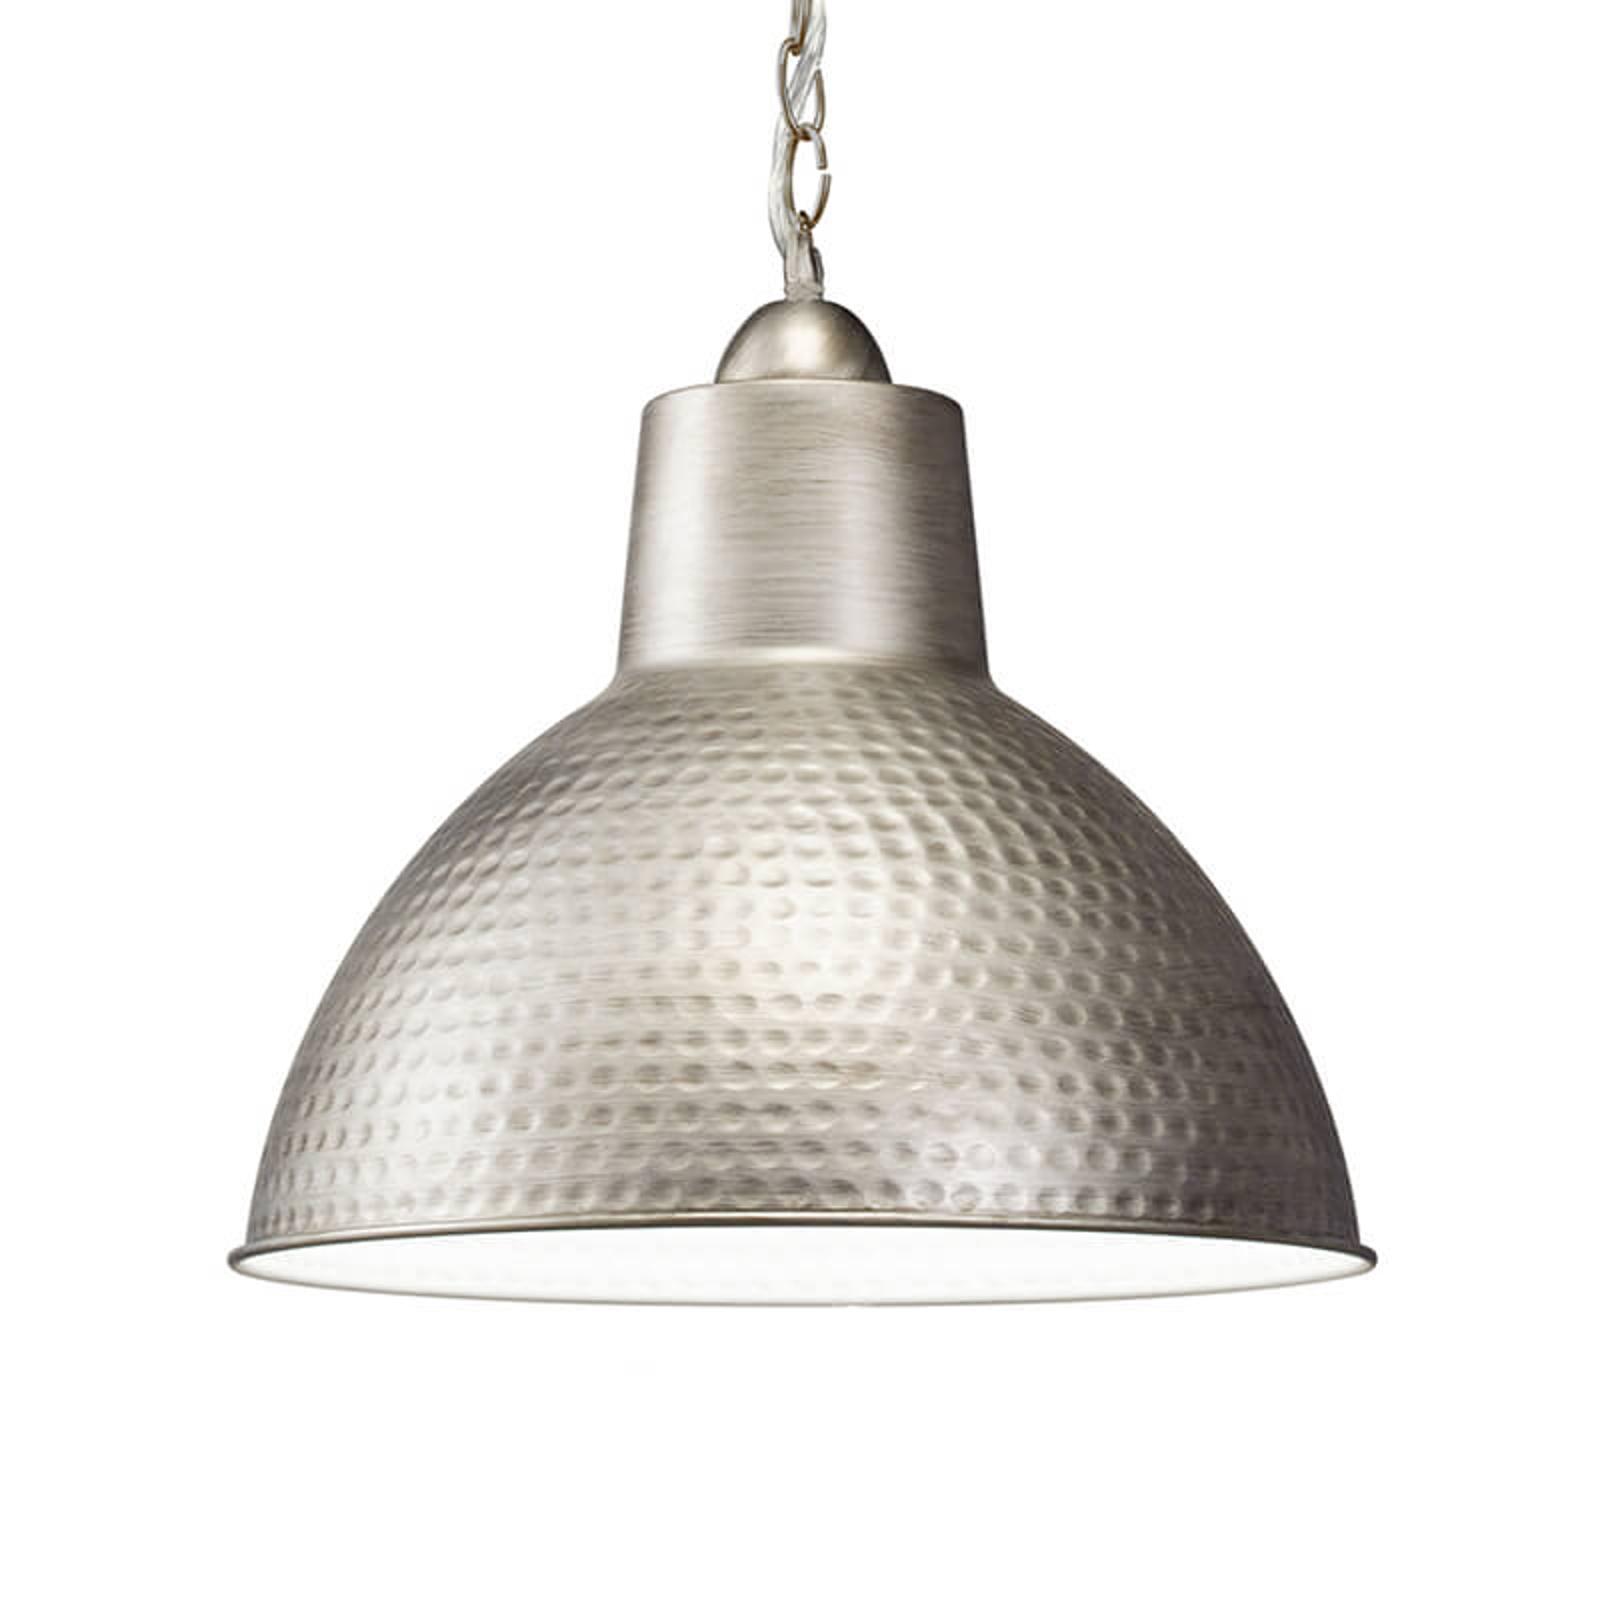 Lampa wisząca Missoula, średnica 34,3cm